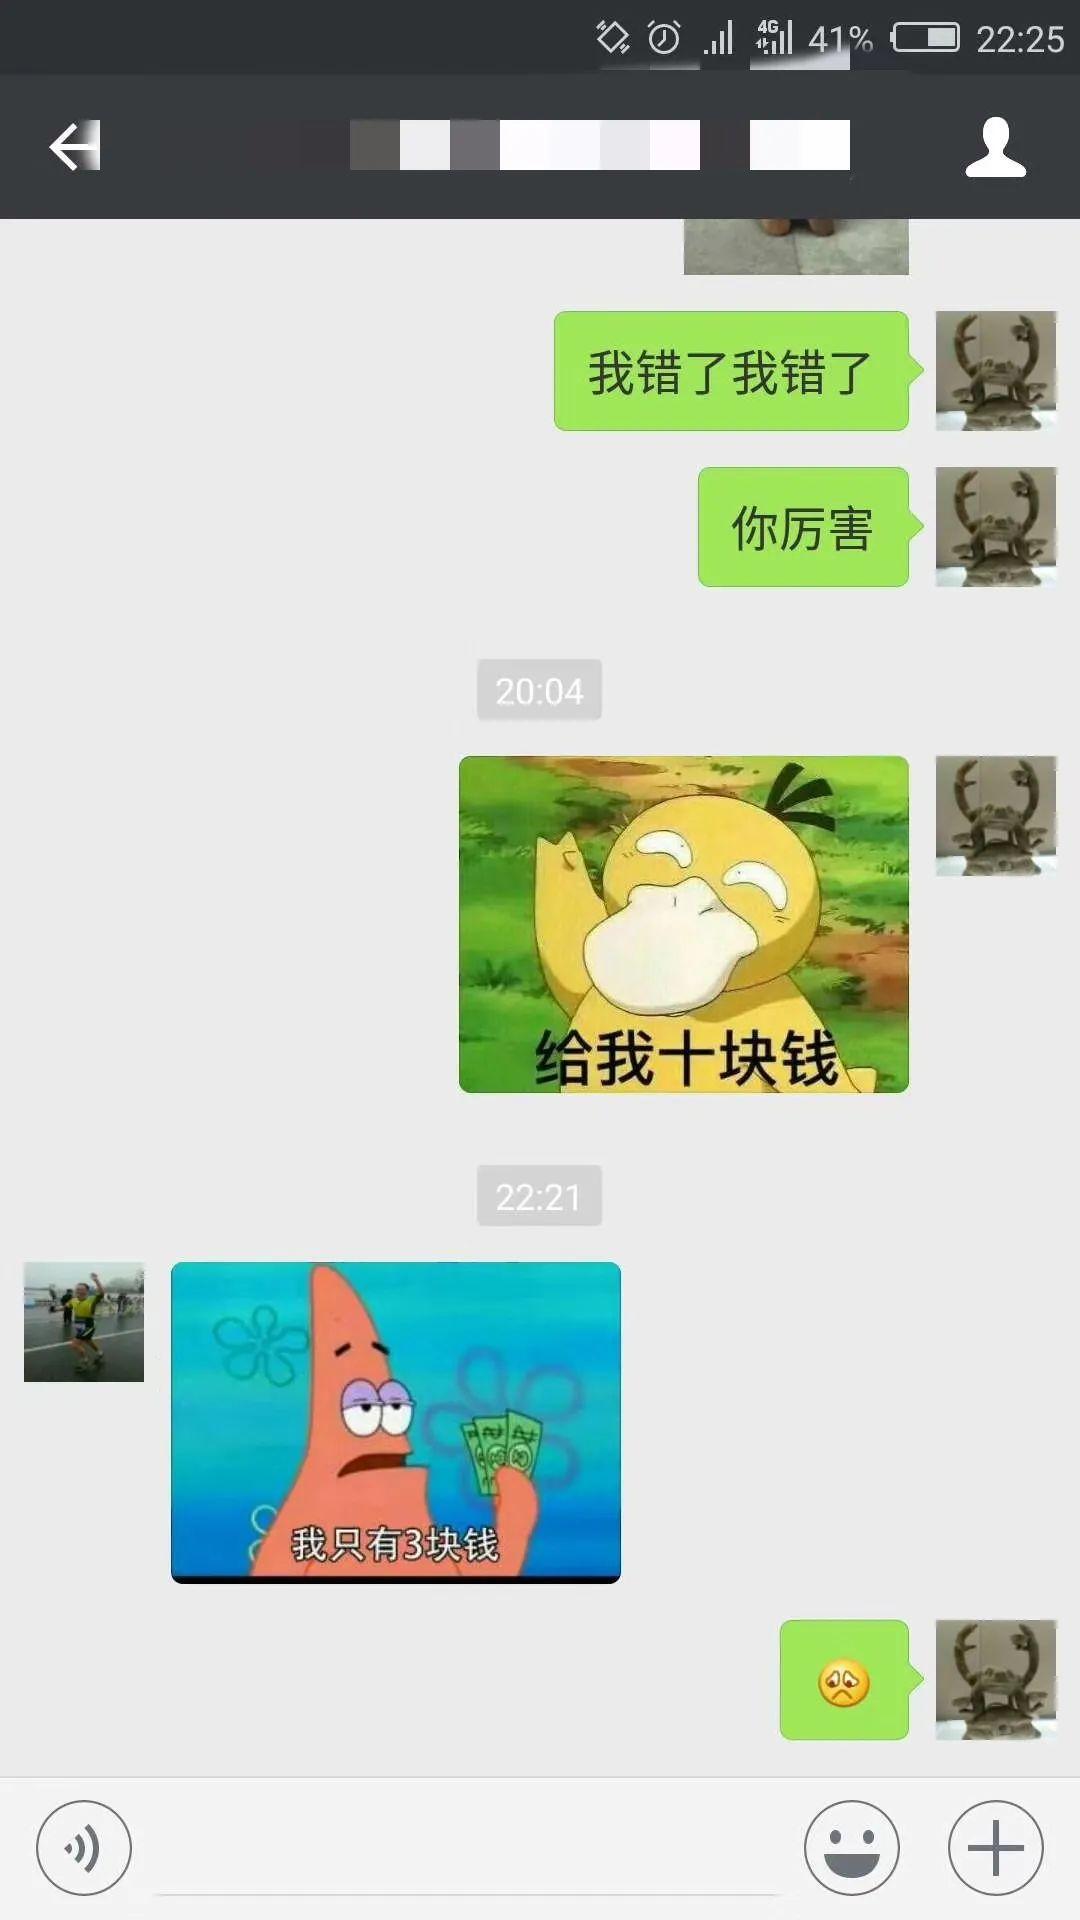 微信推出6个新表情 给父母发表情包引起的误会